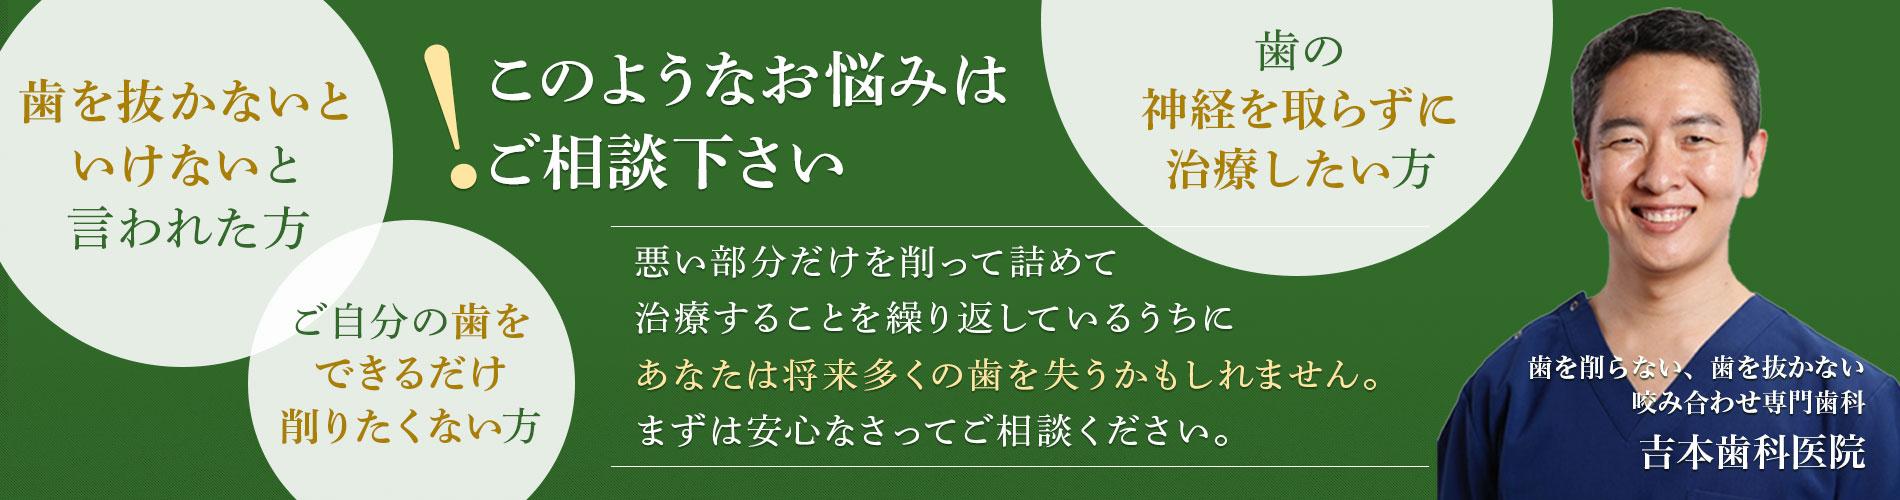 香川県高松市で歯を削らず薬で治し神経を残す歯科治療なら屋島西町の吉本歯科医院